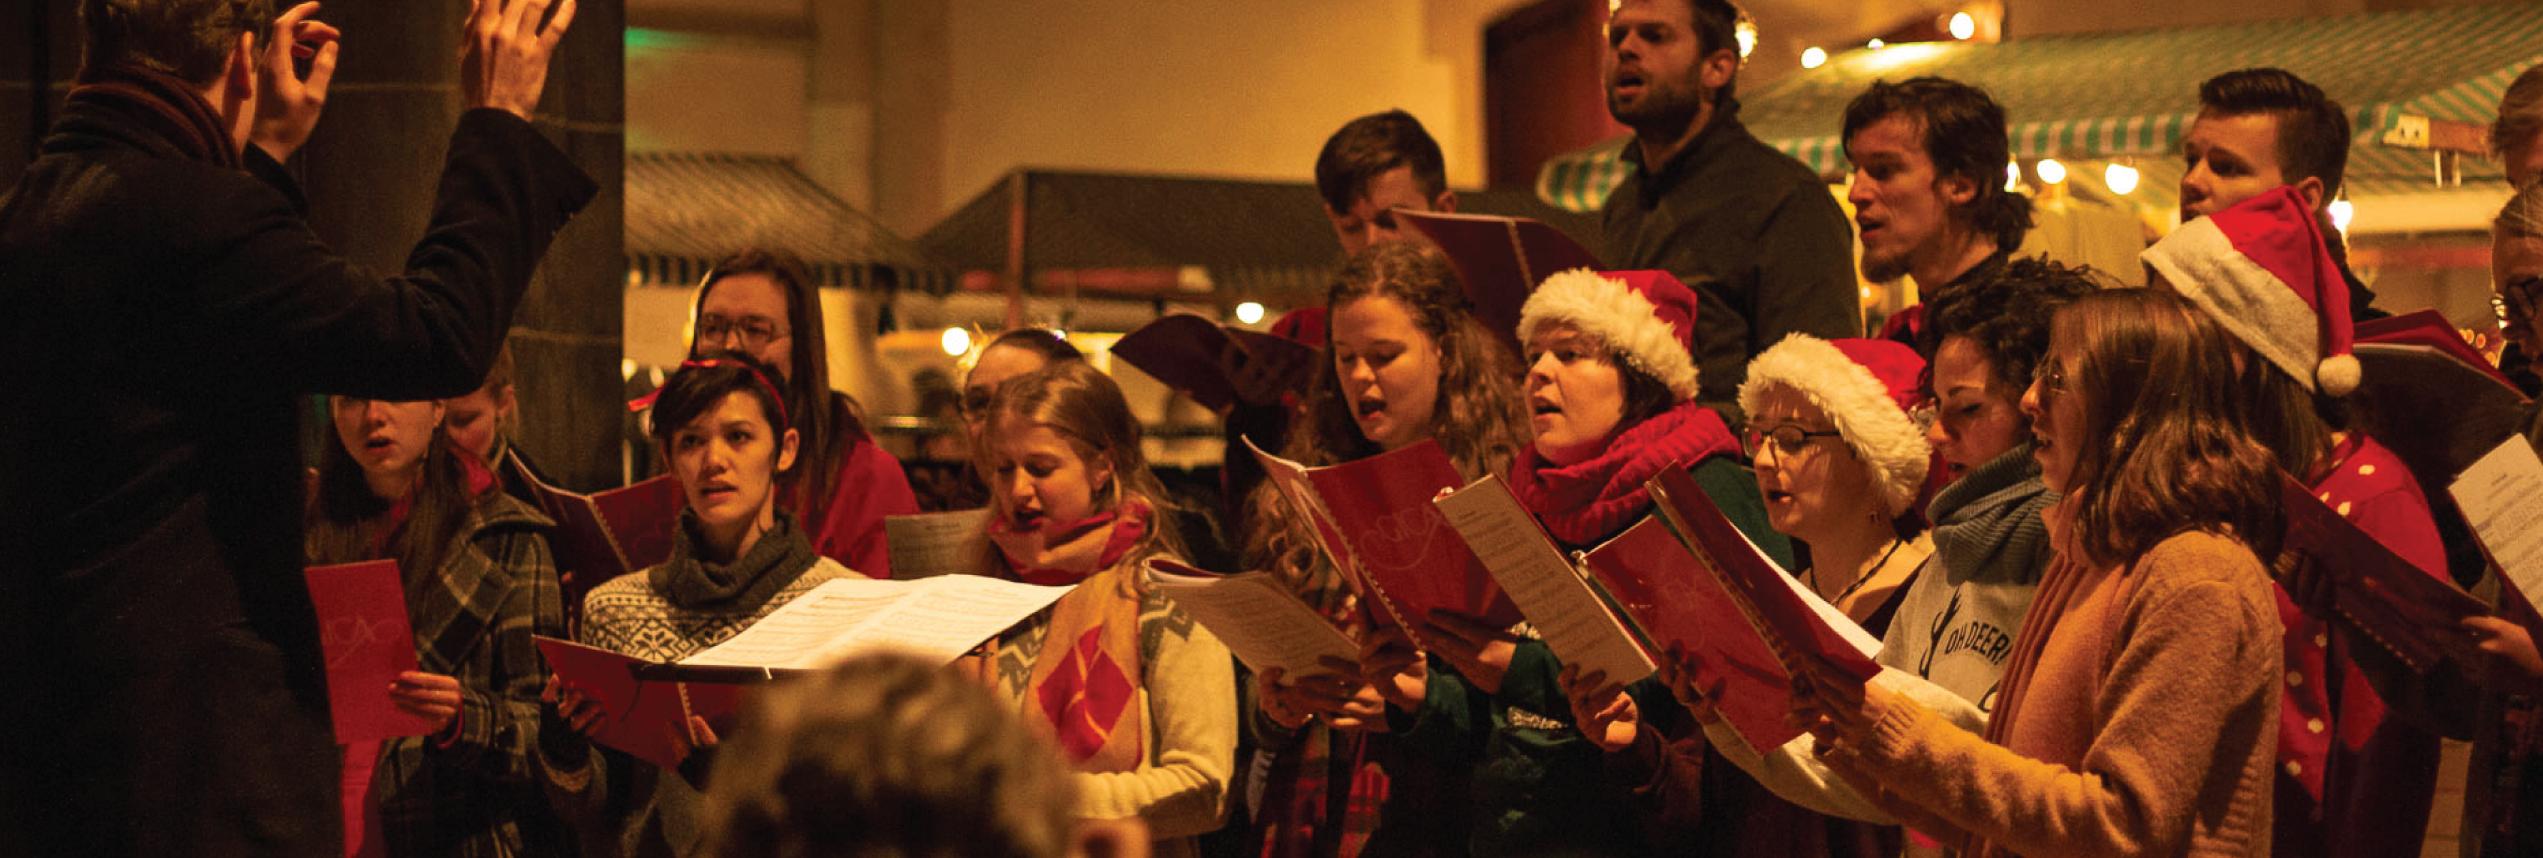 Kerstmarkt Groningen 14 december